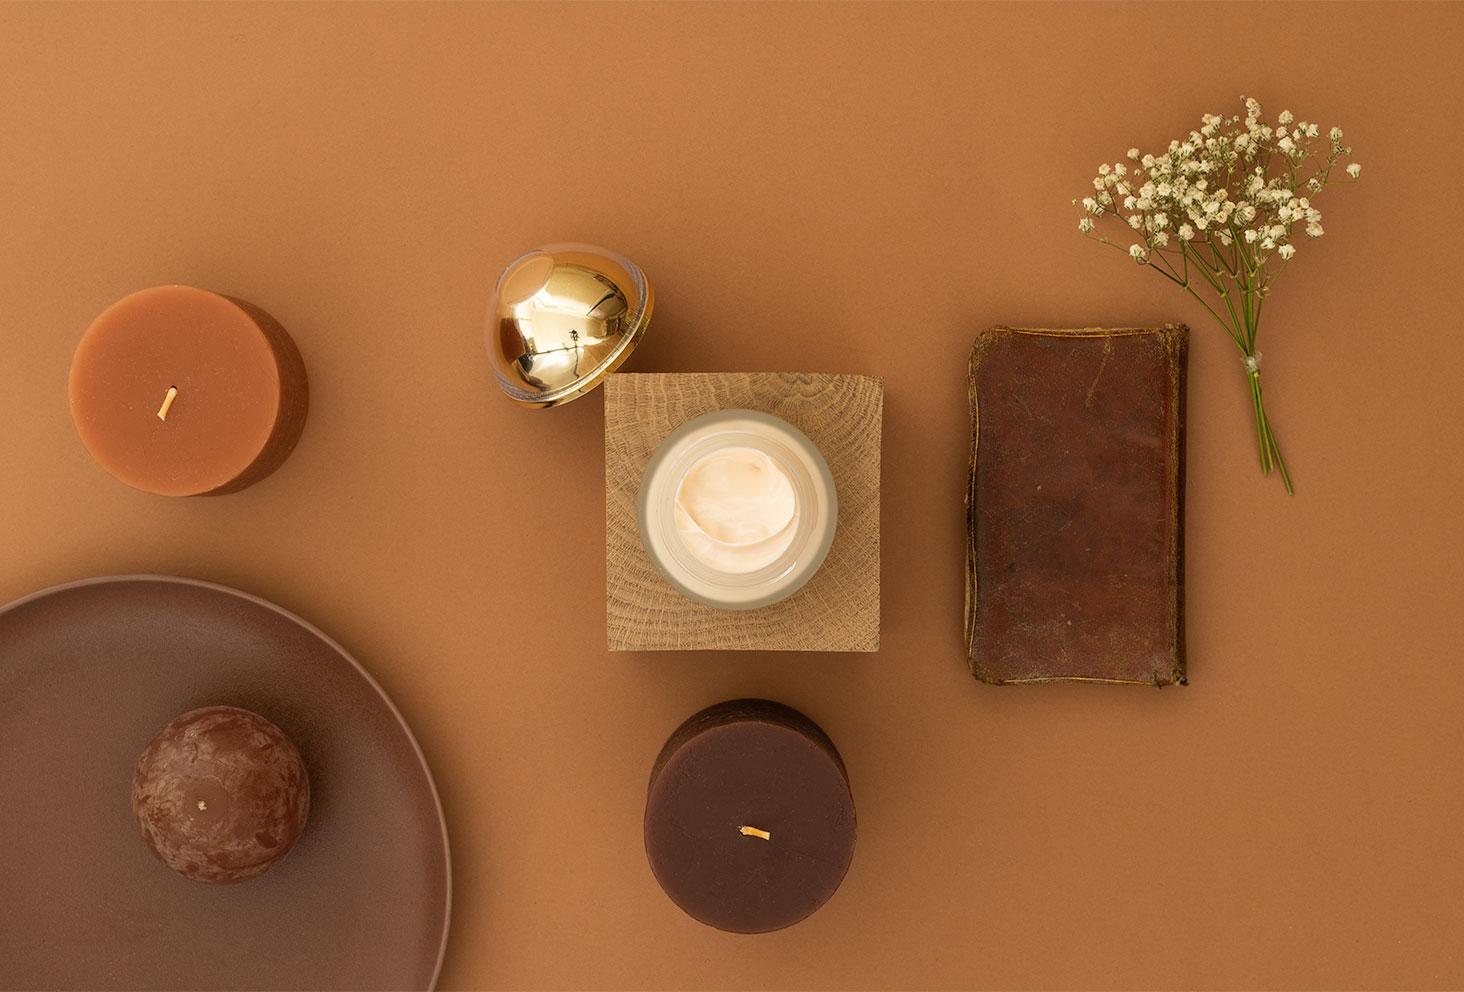 Mise en avant de la texture de la crème hydratante précieuse Onagrine, dans un décor marron et géométrique